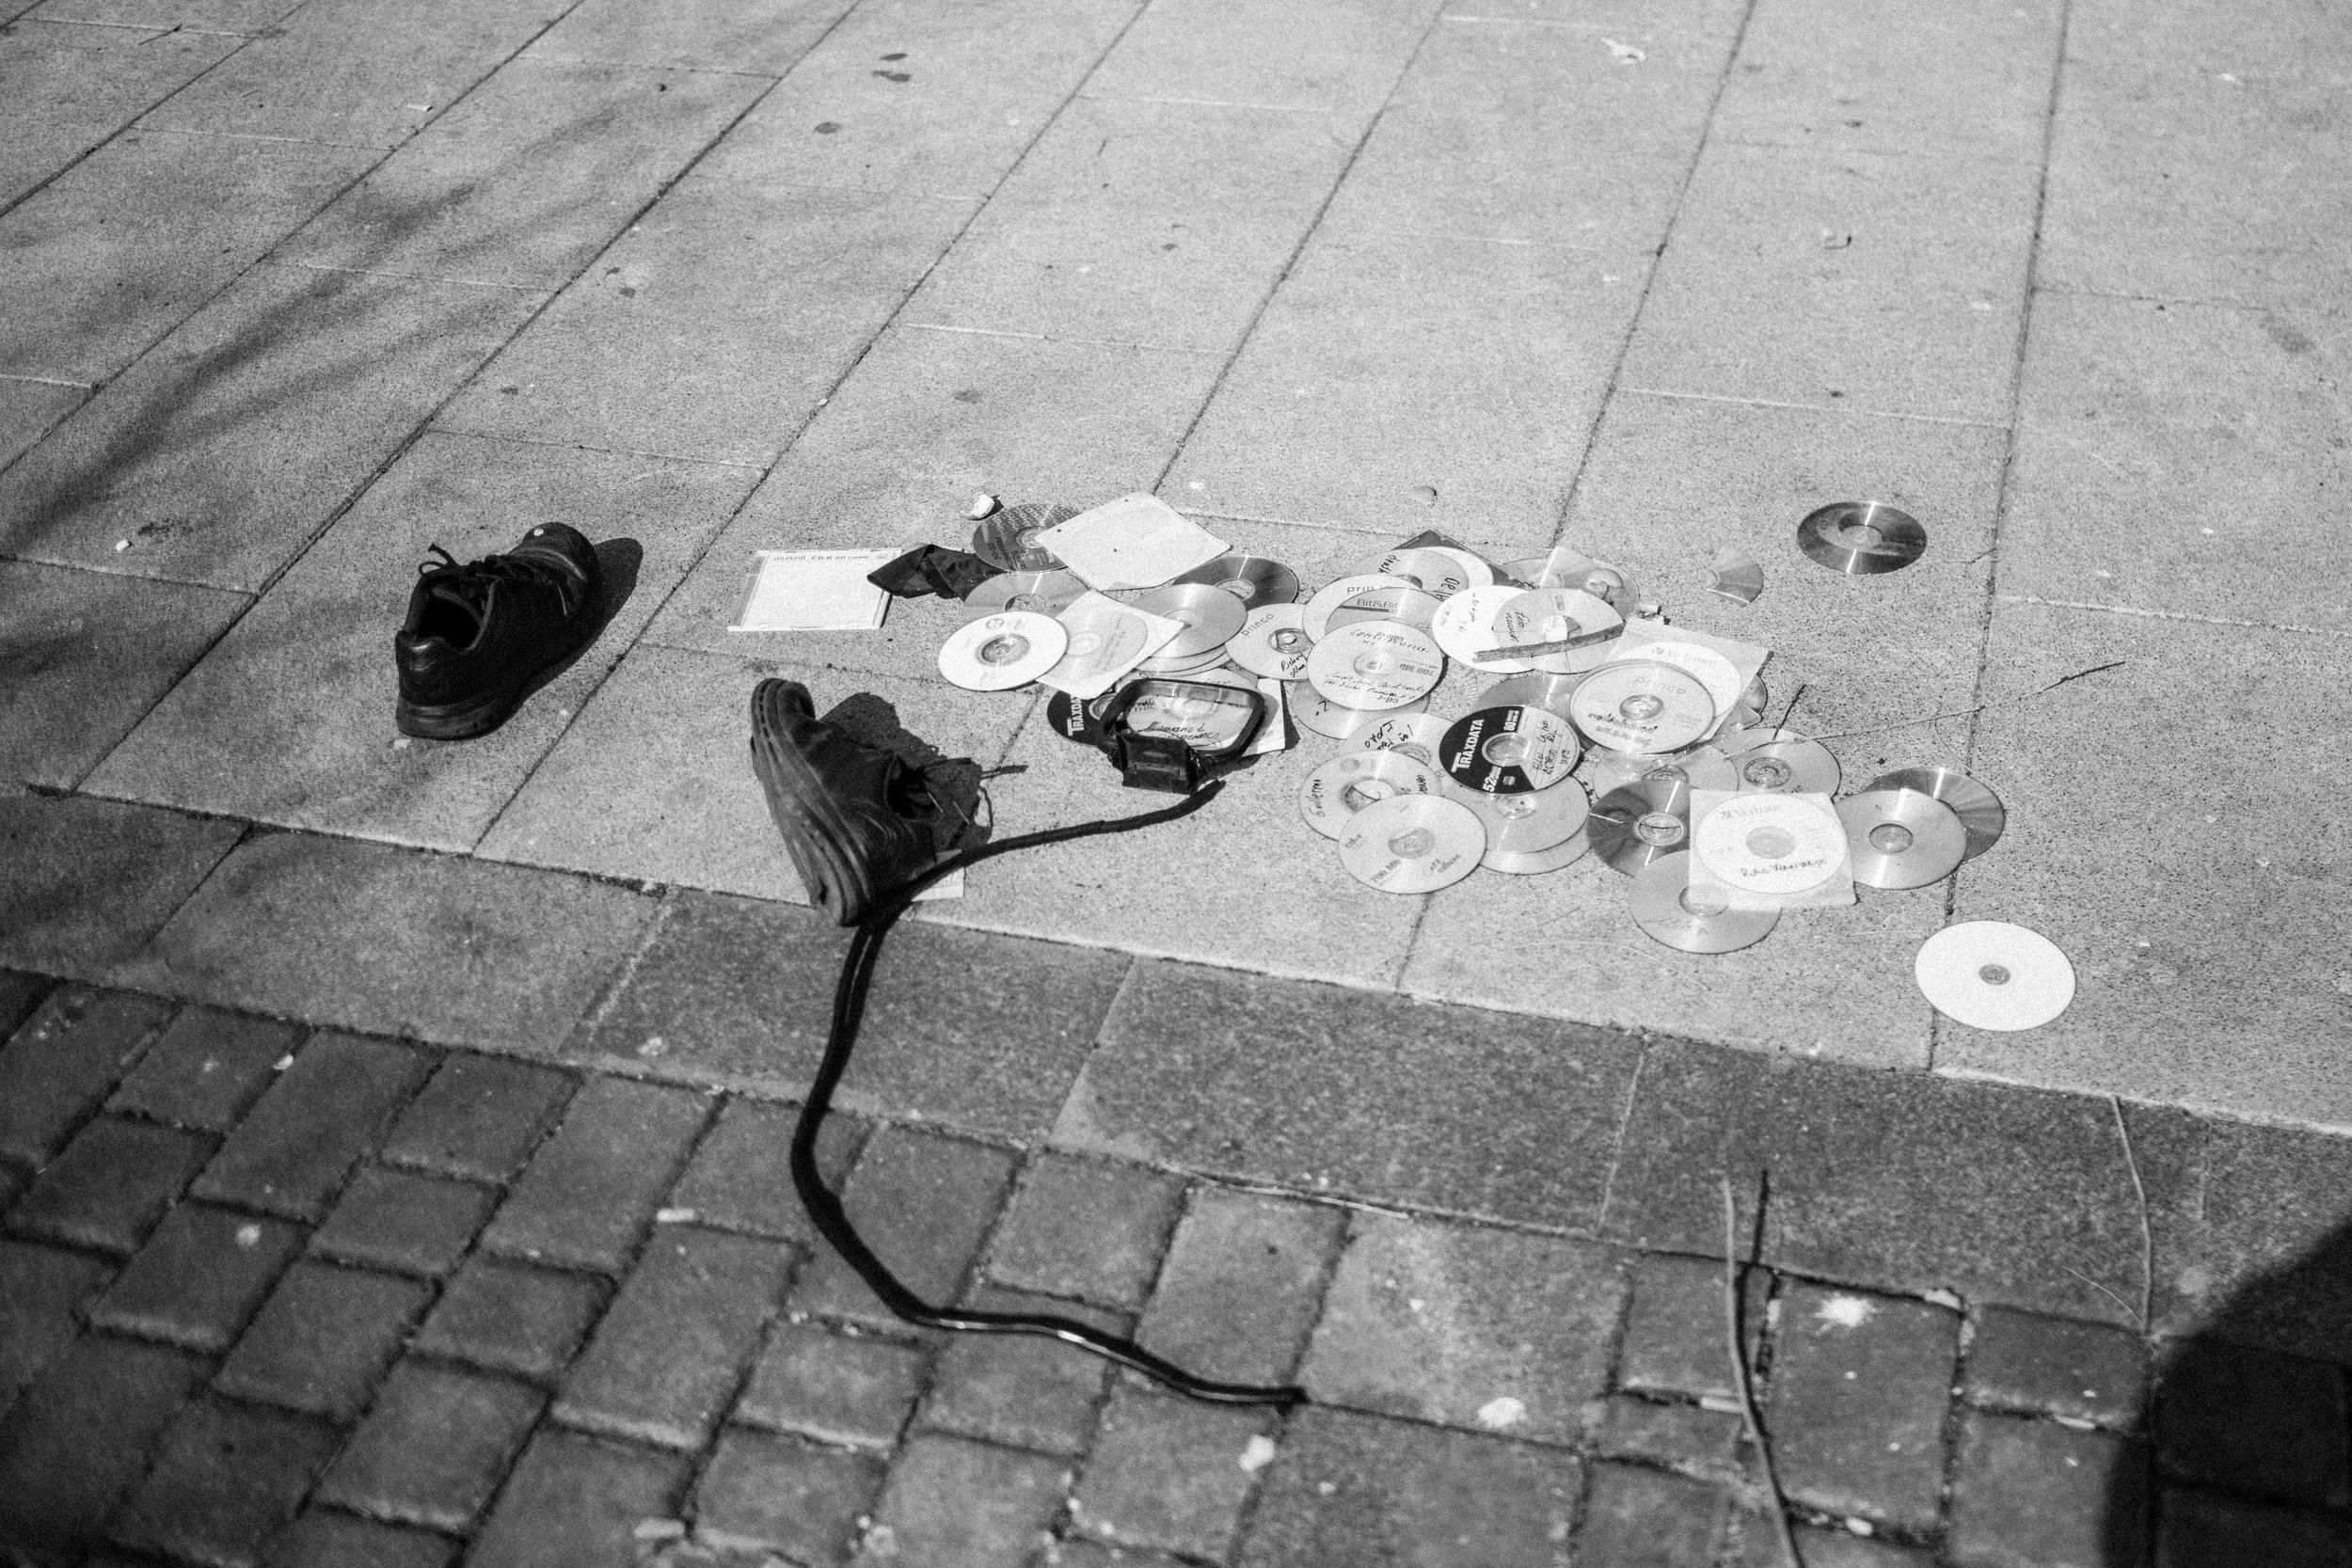 El rastro de Madrid by jorge Güiro 2.jpg